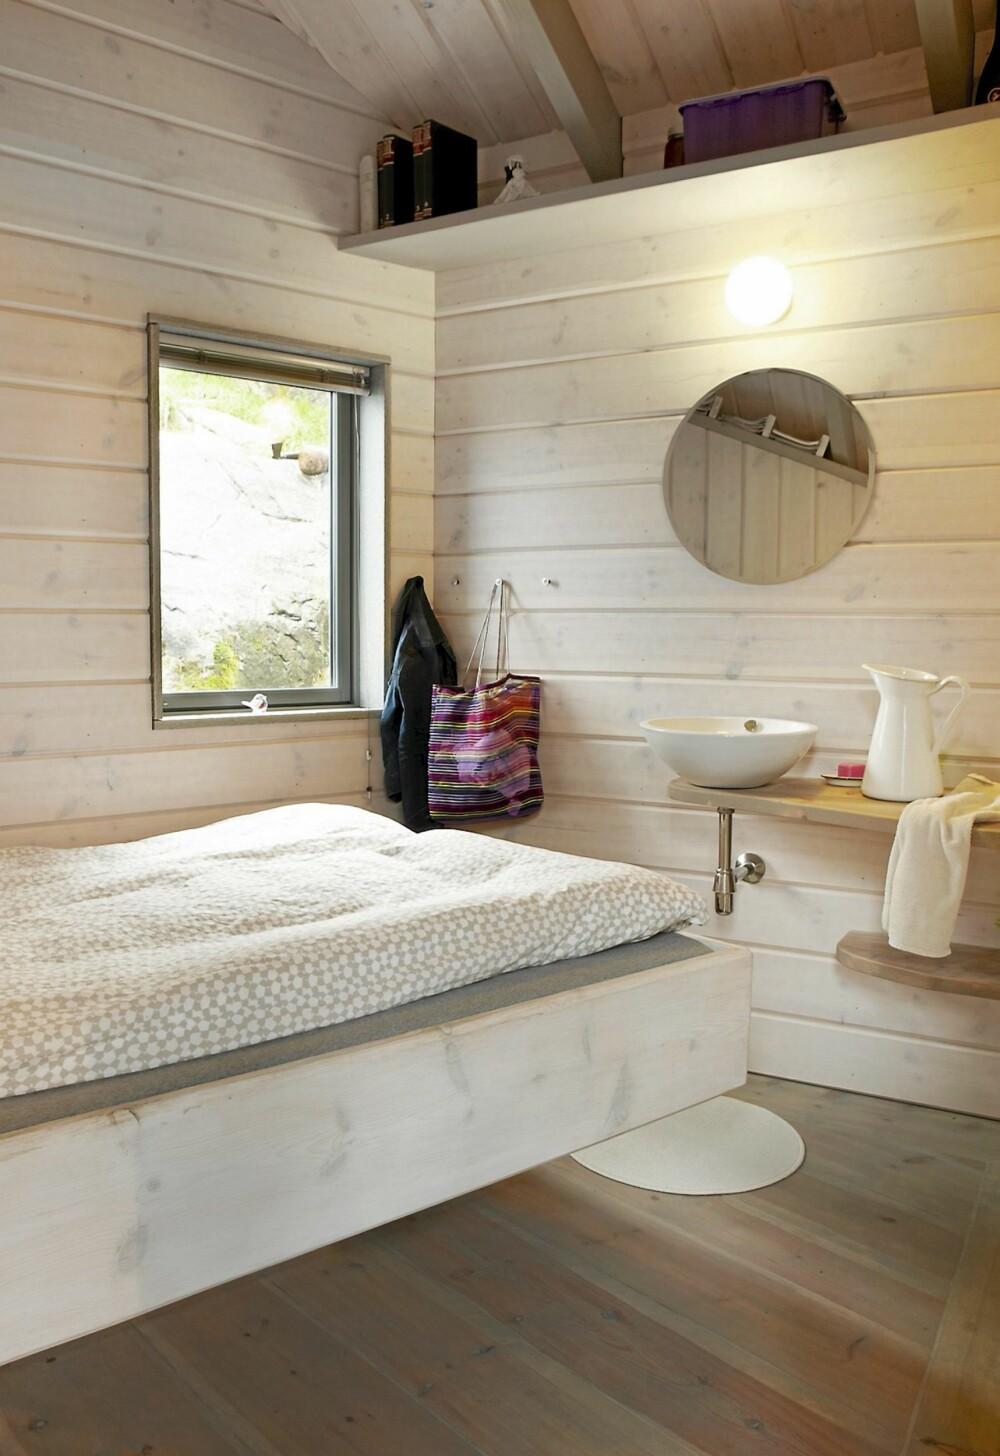 HOVEDSOVEROMMET: Det er tre soverom i hytta. Det største har dobbeltseng og vask. Sengen henger for øvrig tilsynelatende fritt i løse luften, bygget av to dragere.